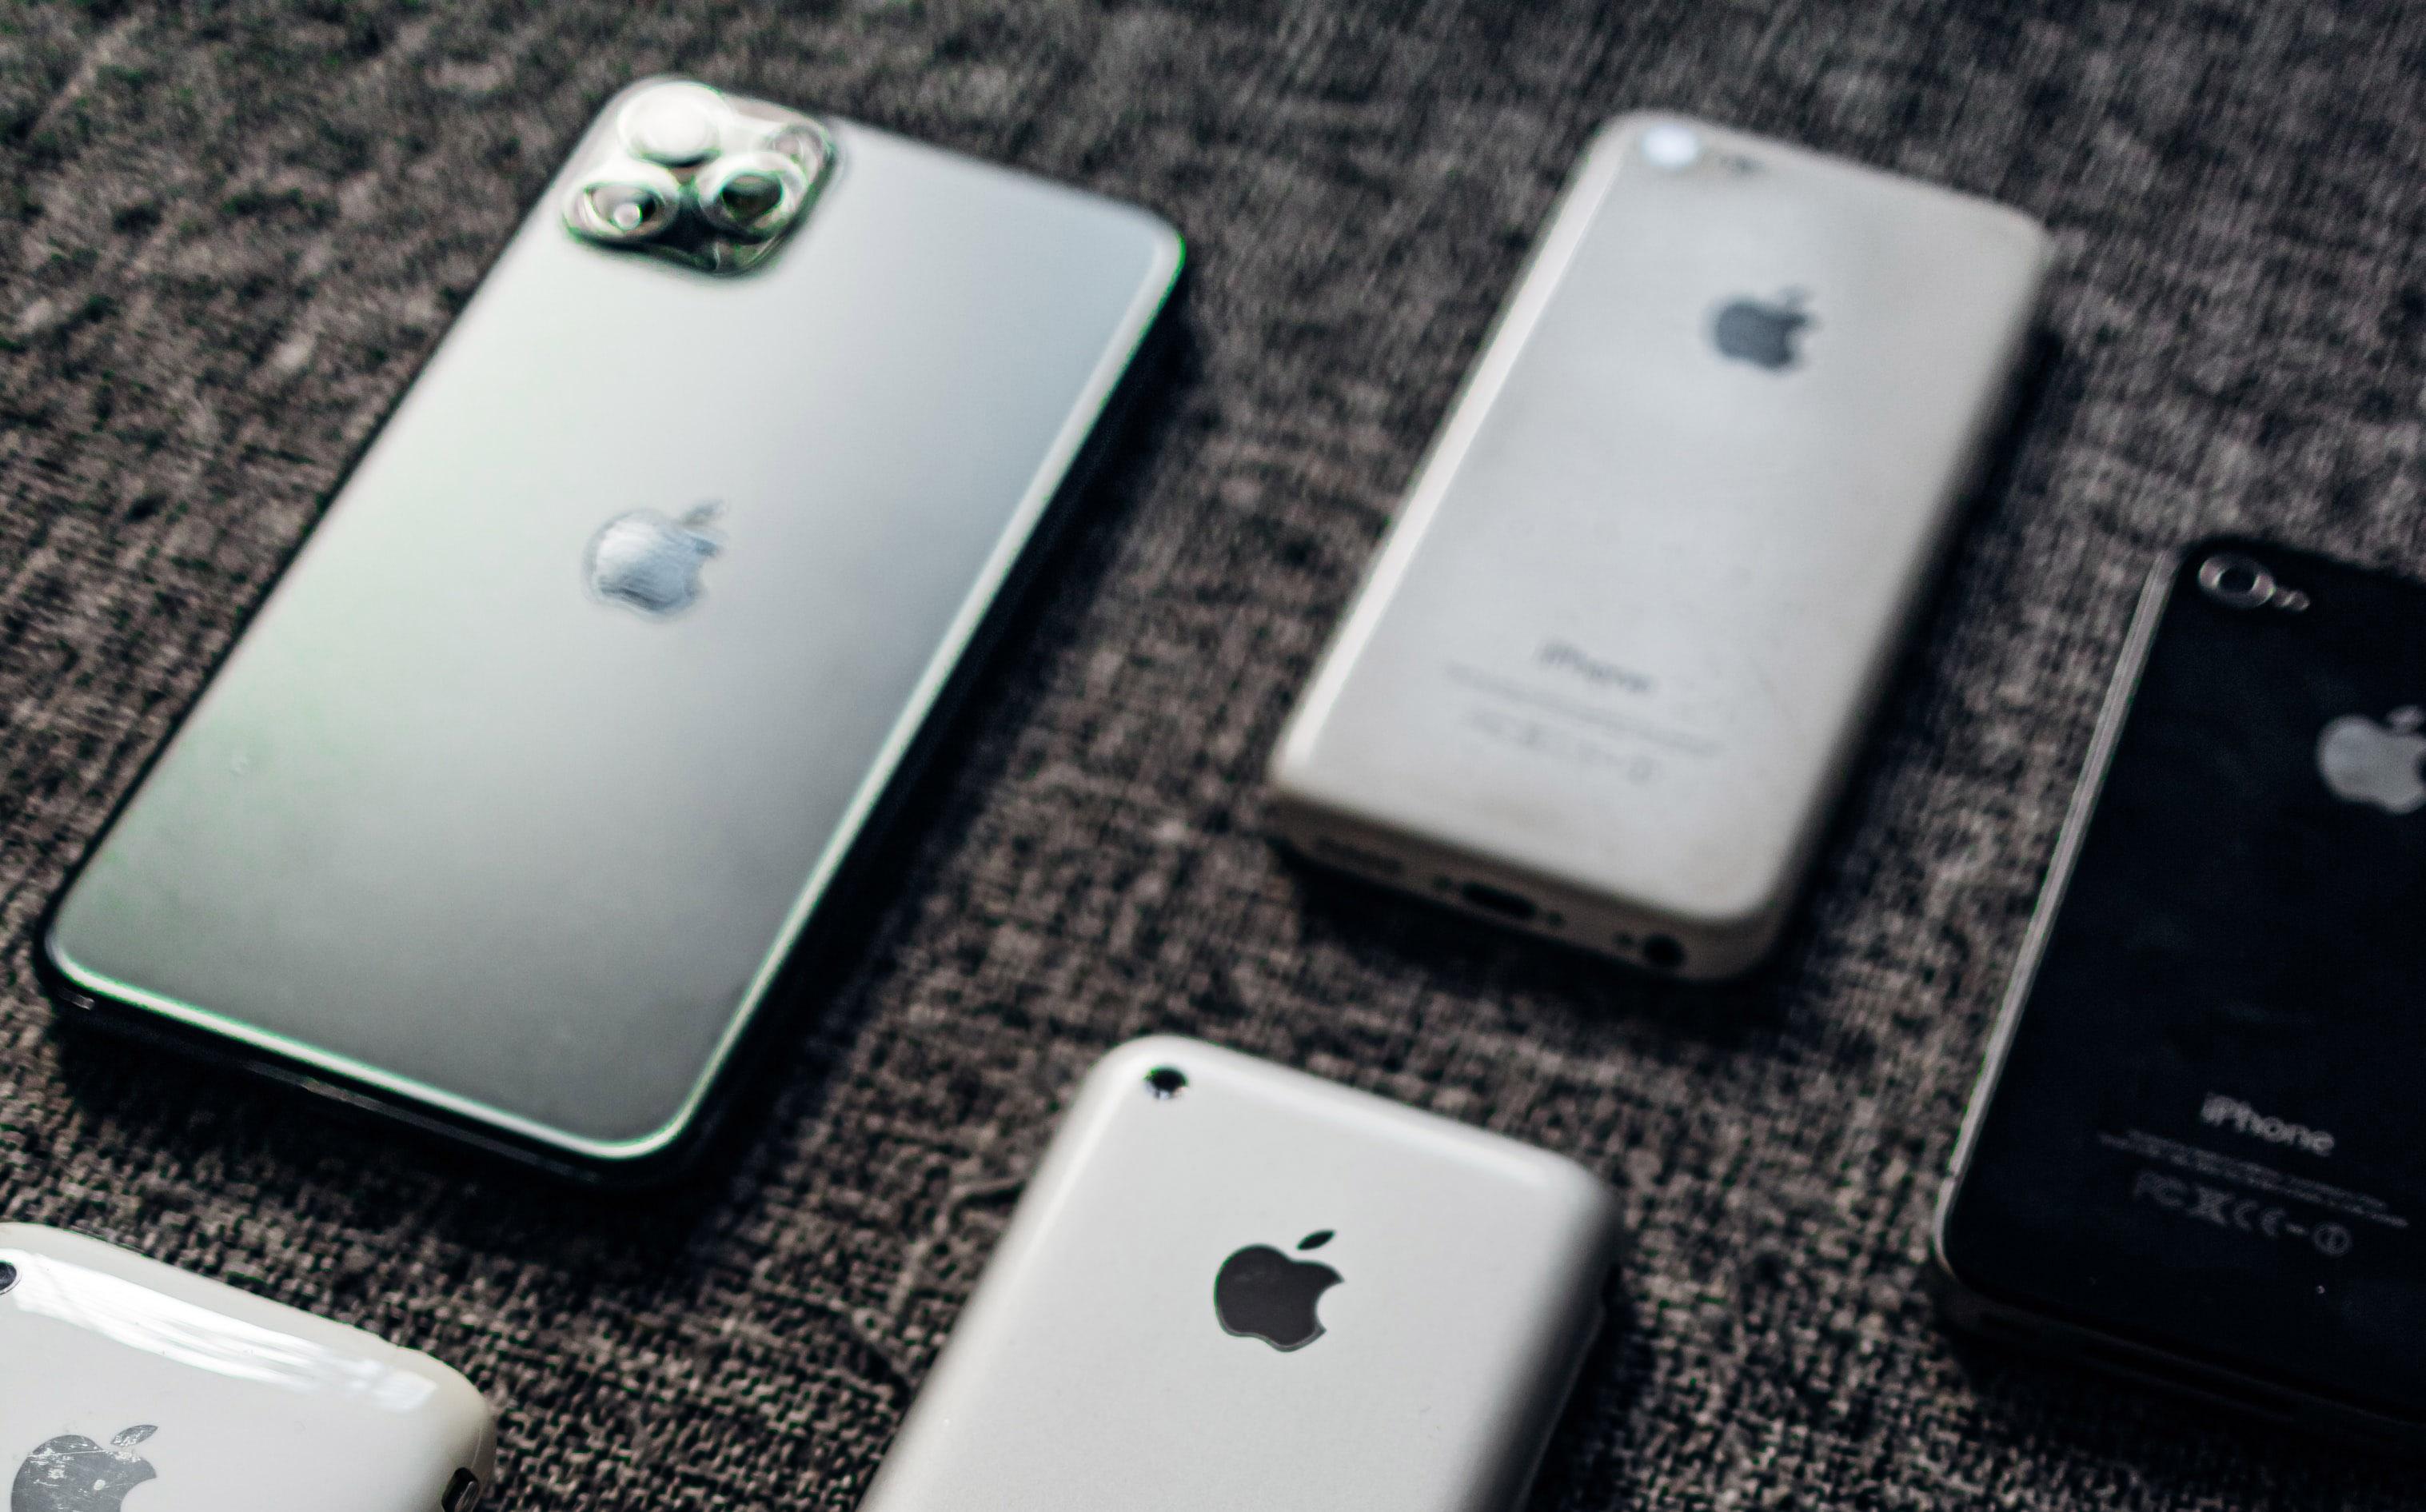 消息称 iPhone 12 拥有更快 Face ID 和更强超广角镜头